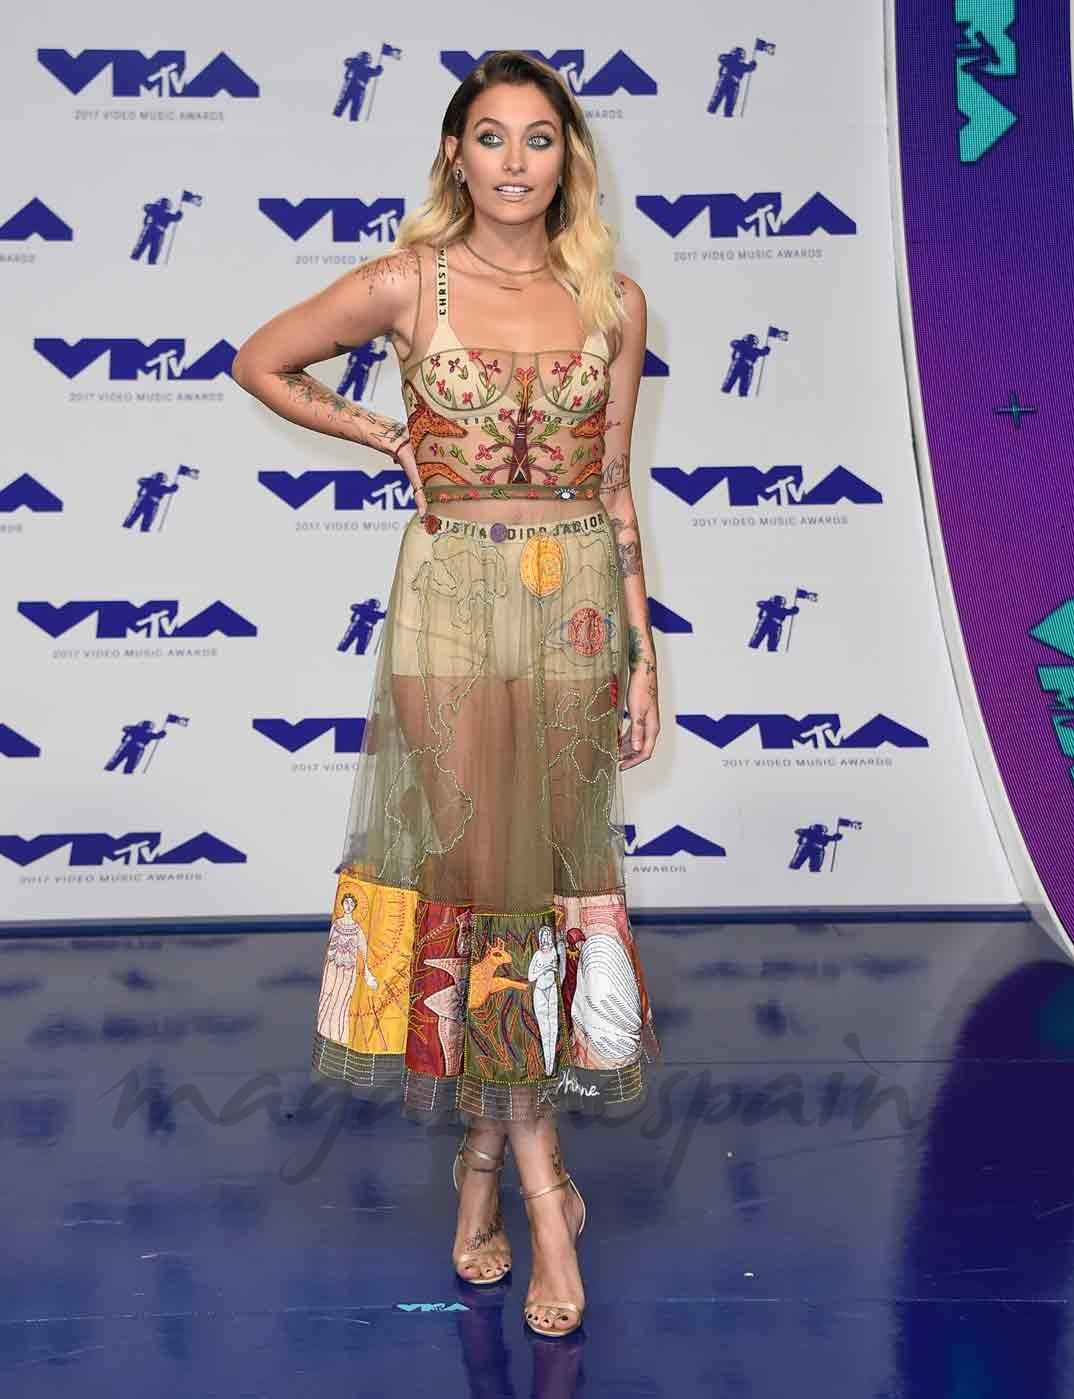 Paris Jackson - MTV Video Music Awards